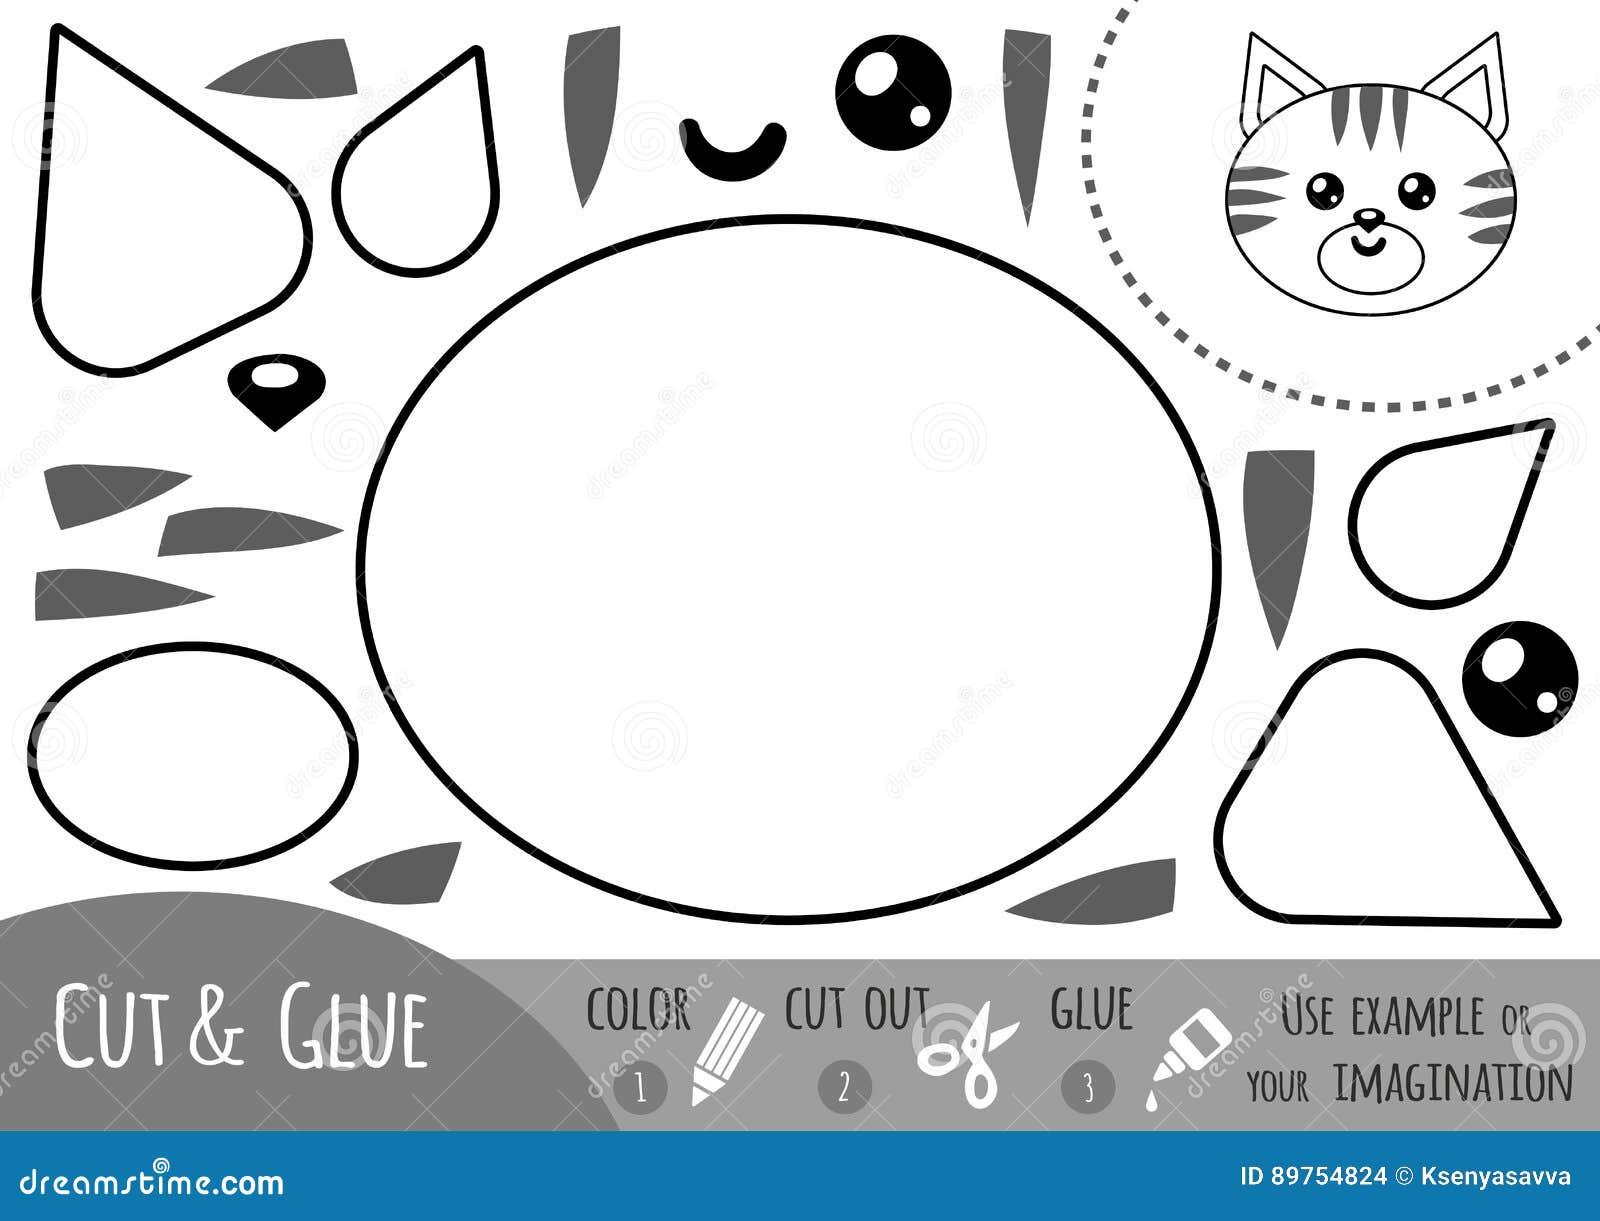 Juego De Papel Para Los Ninos Gato De La Educacion Ilustracion Del